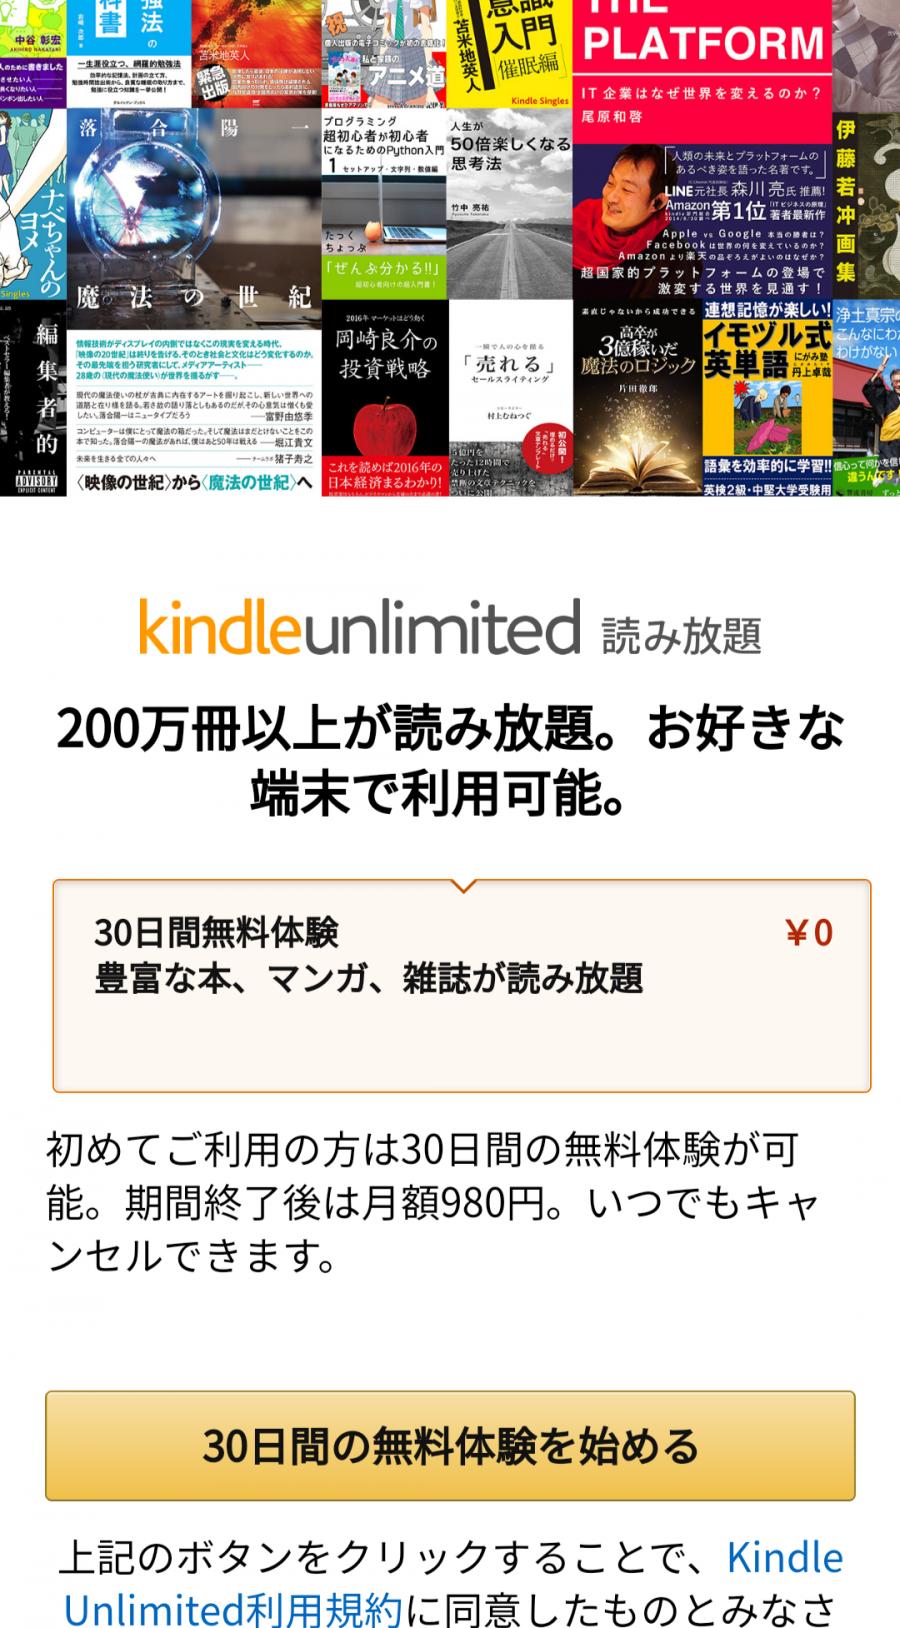 Kindle Unlimitedの無料体験